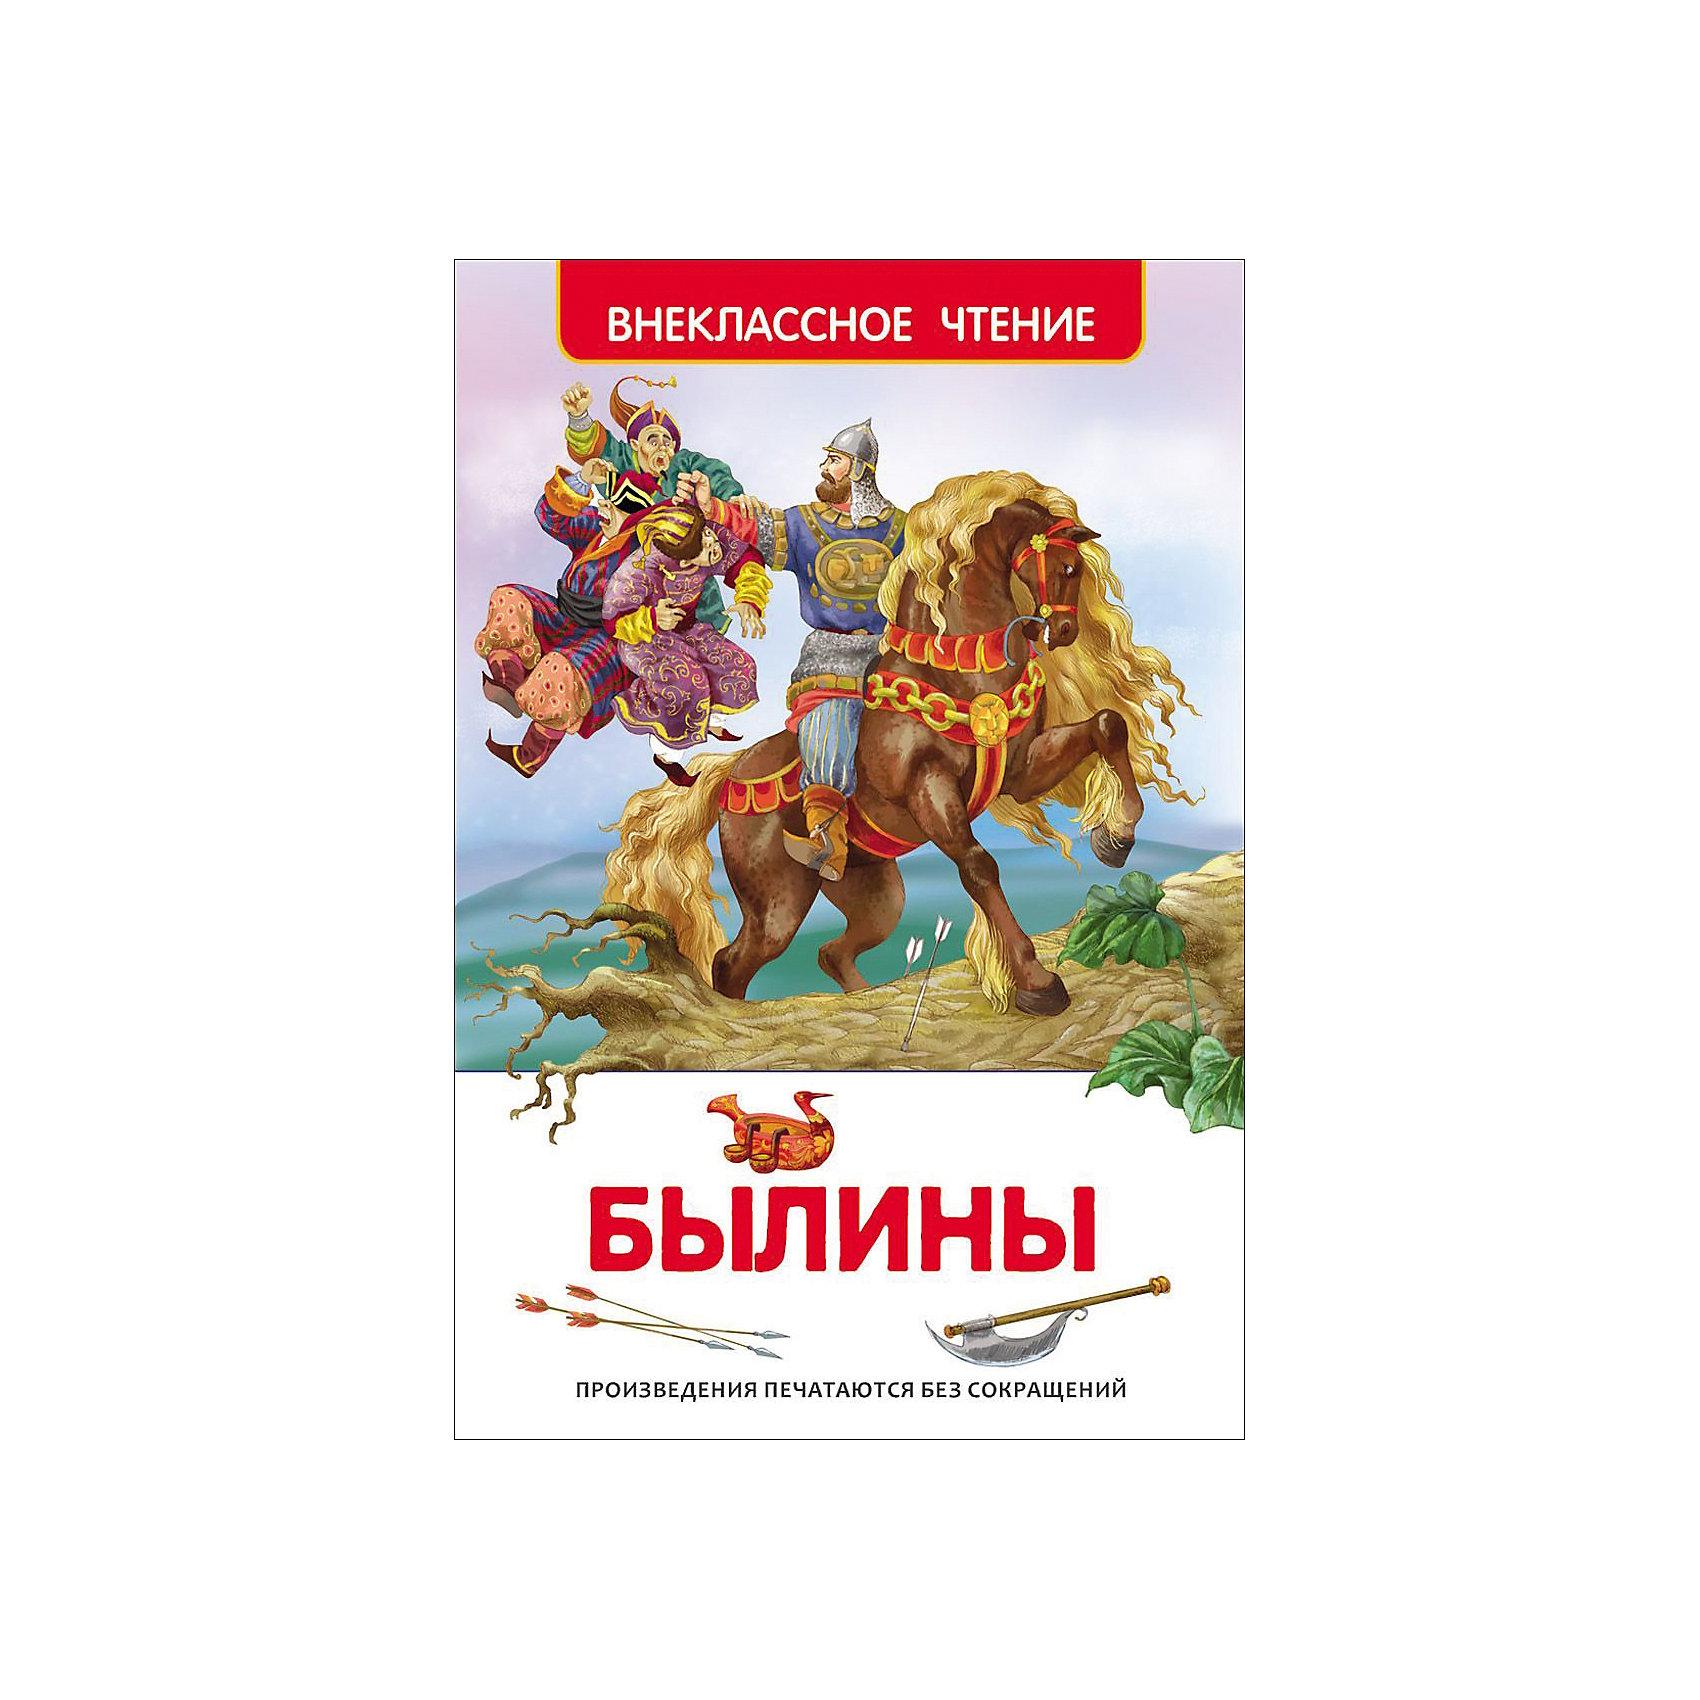 БылиныРосмэн<br>Характеристики товара:<br><br>- цвет: разноцветный;<br>- материал: бумага;<br>- количество страниц: 96;<br>- формат: 20,5 x 13,5 см;<br>- обложка: твердая;<br>- возраст: 7+;<br>- содержание: отрывок былины Садко, Вольга Всеславьевич, Микула Селянинович, Святогор-богатырь, Алёша Попович и Тугарин Змеевич, Про Добрыню Никитича и Змея Горыныча, Как Илья из Мурома богатырём стал, Илья Муромец и Соловей-разбойник, Как Илья от Святогора меч получил, Илья избавляет Царьград от Идолища, Старик Данило и молодой Михайло.<br><br>Исконно русские истории – сказания про богатырей. Невероятно сильные молодцы станут образцами мудрости и храбрости для юных джентльменов. Но и девочки оценят интересные былины и увлекательные приключения. Былины – универсальные и проверенные временем сказки не только для детей, но и для взрослых. В книге есть яркие и красочные иллюстрации, привлекающие внимание малыша и способные привить любовь к книгам. Все материалы, использованные при производстве издания, соответствуют всем стандартам качества и безопасности. <br><br>Издание Былины от компании Росмэн можно приобрести в нашем интернет-магазине.<br><br>Ширина мм: 205<br>Глубина мм: 135<br>Высота мм: 6<br>Вес г: 169<br>Возраст от месяцев: 84<br>Возраст до месяцев: 108<br>Пол: Унисекс<br>Возраст: Детский<br>SKU: 5109881